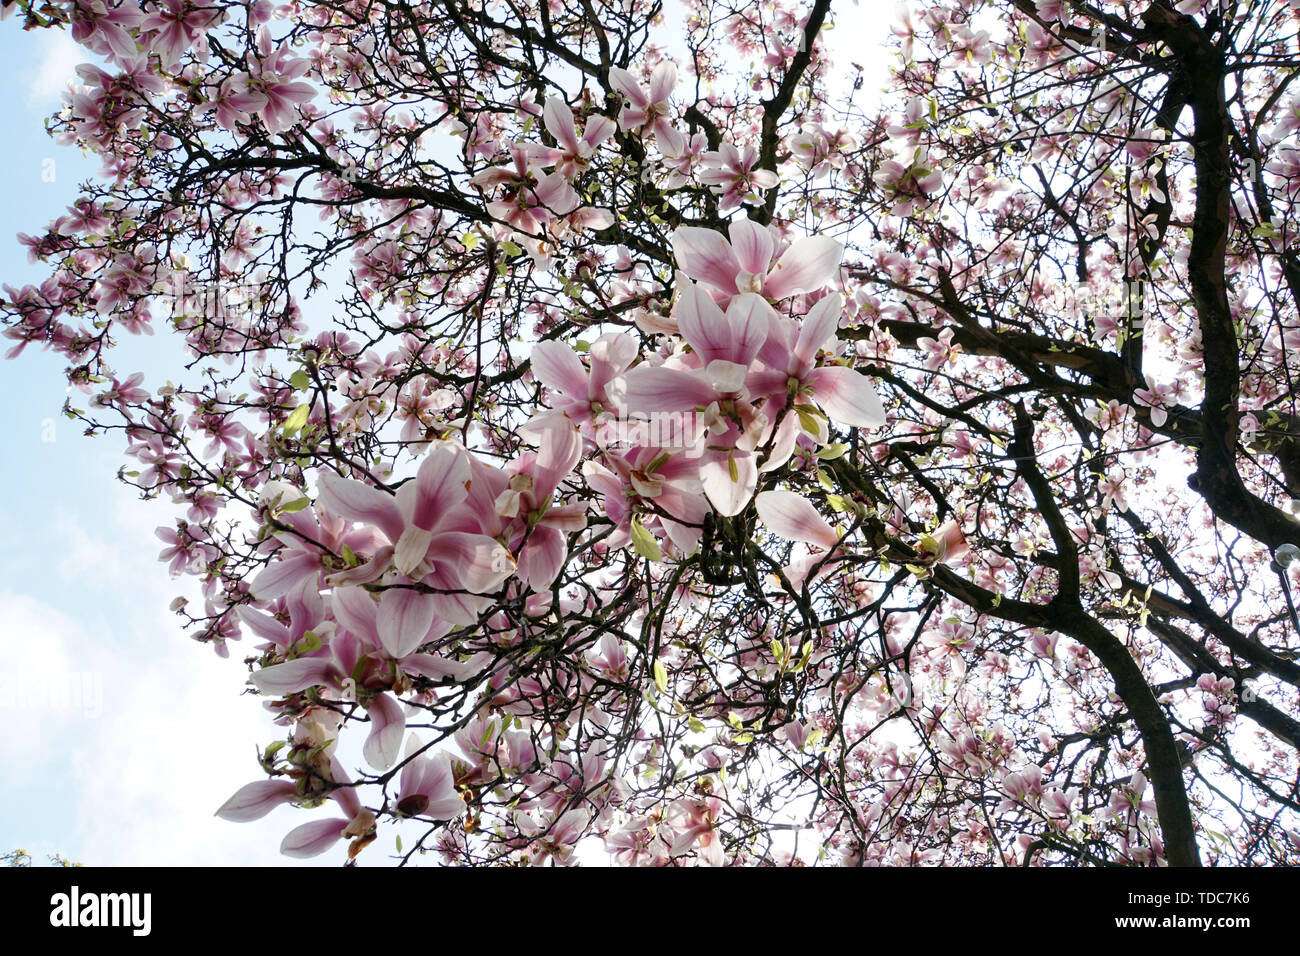 Blick von unten in einen blühenden Magnolienbaum, Solingen, Nordrhein-Westfalen, Deutschland - Stock Image